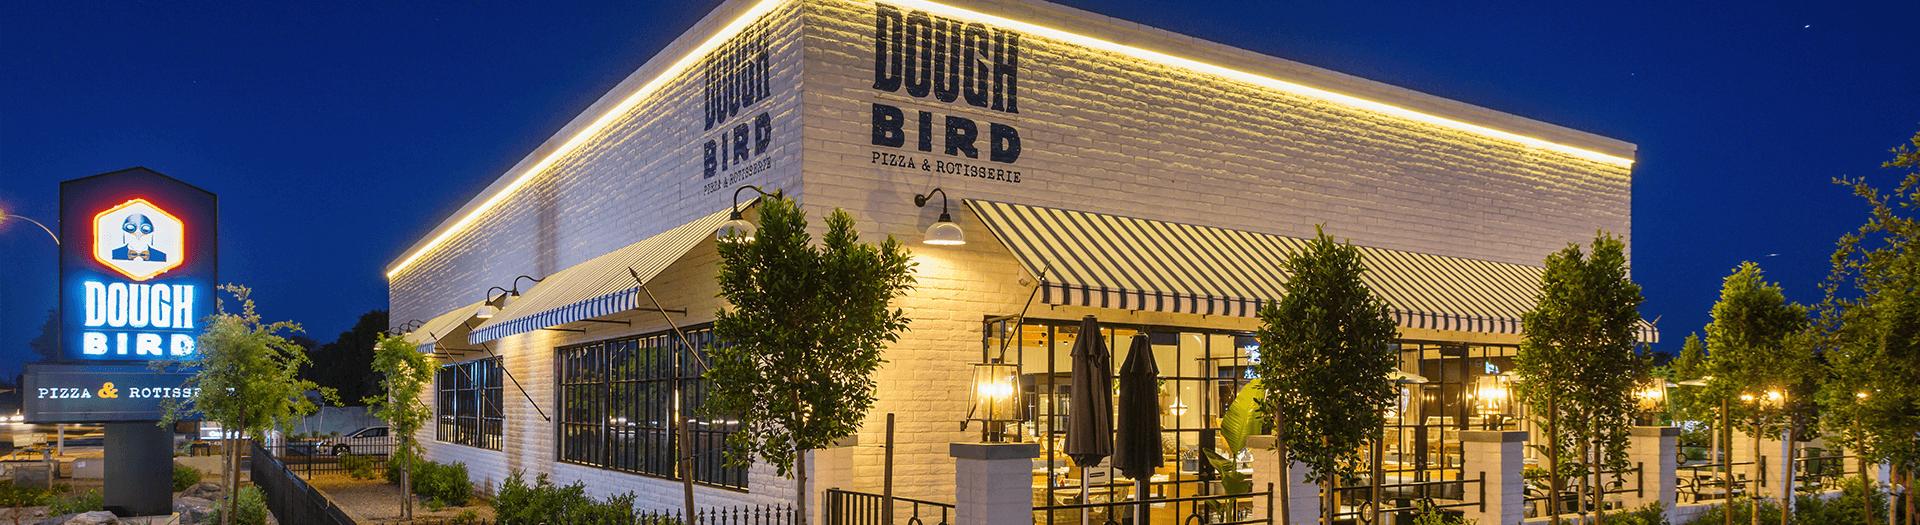 Doughbird – Phoenix, AZ - Phoenix, AZ